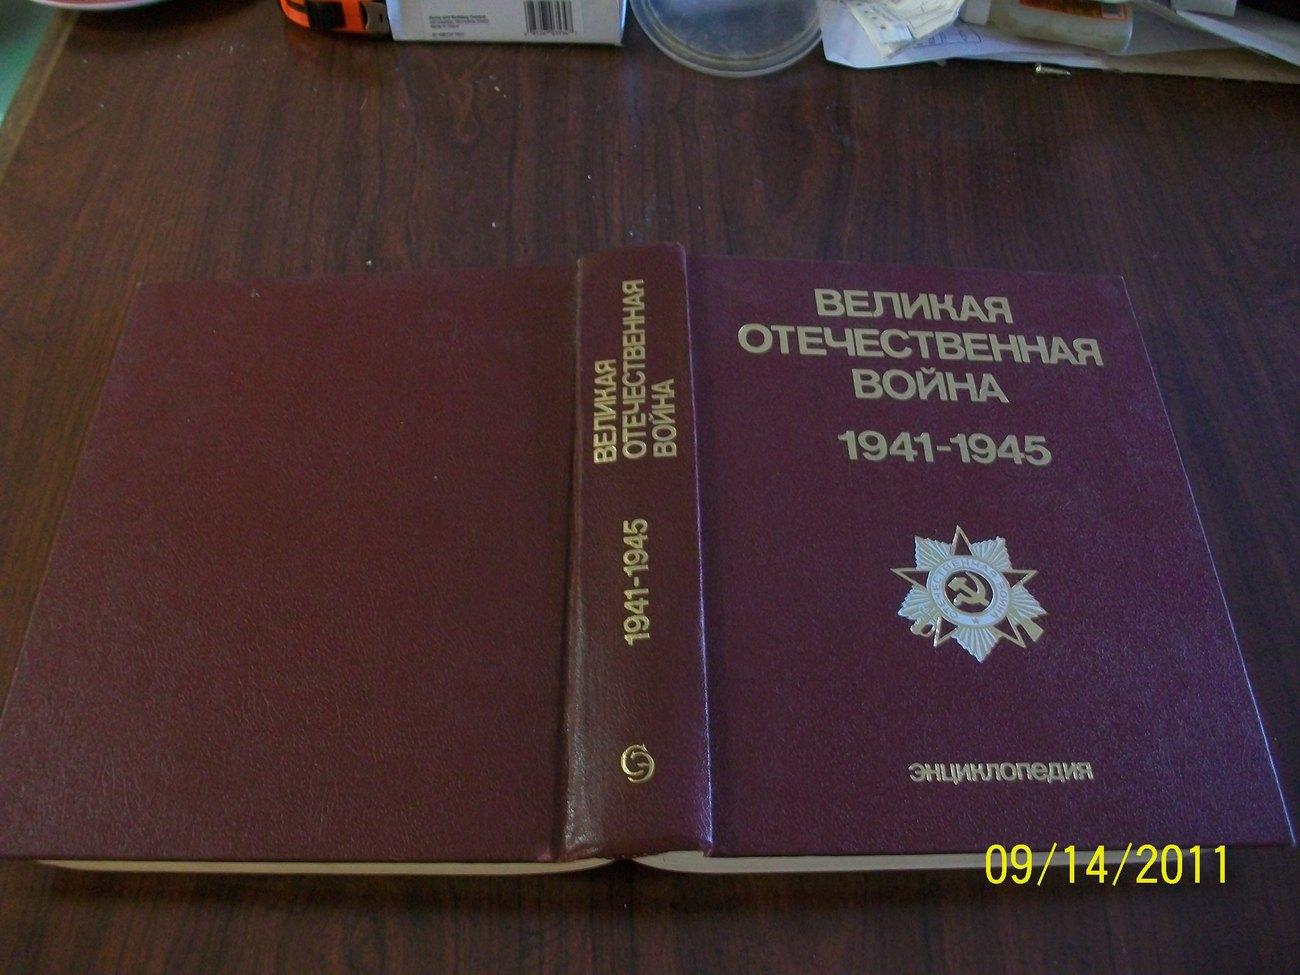 SOVIET ENCYCLOPEDIA OF GREAT PATRIOTIC WAR WW2 USSR